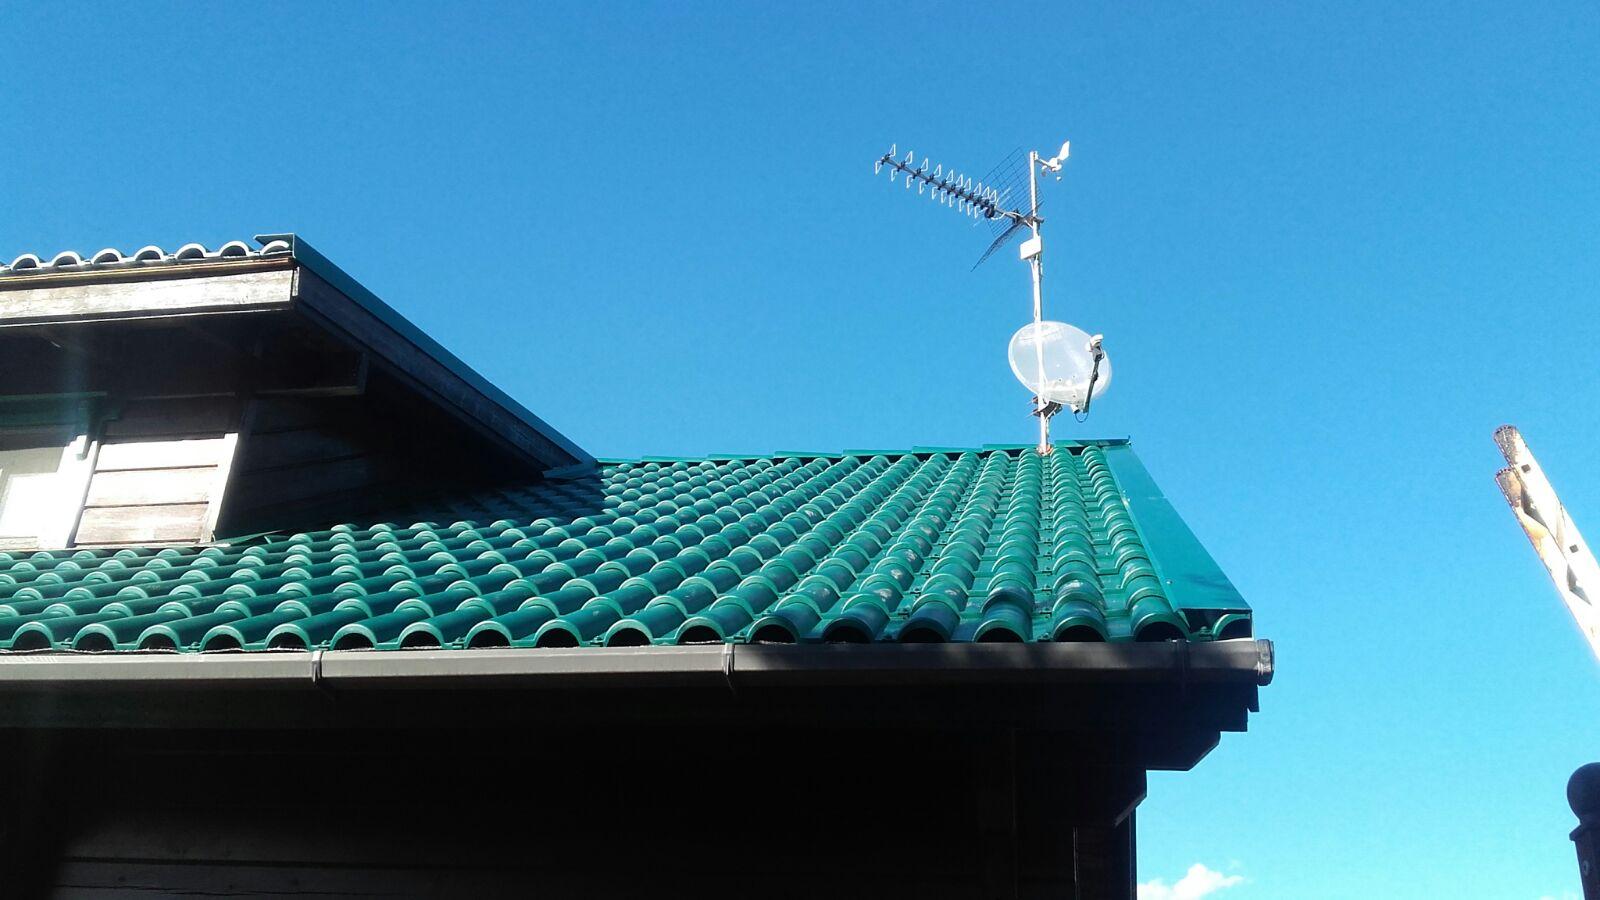 Renovaci n tejado casa madera de t gola a teja pl stica for Tejados de madera y teja